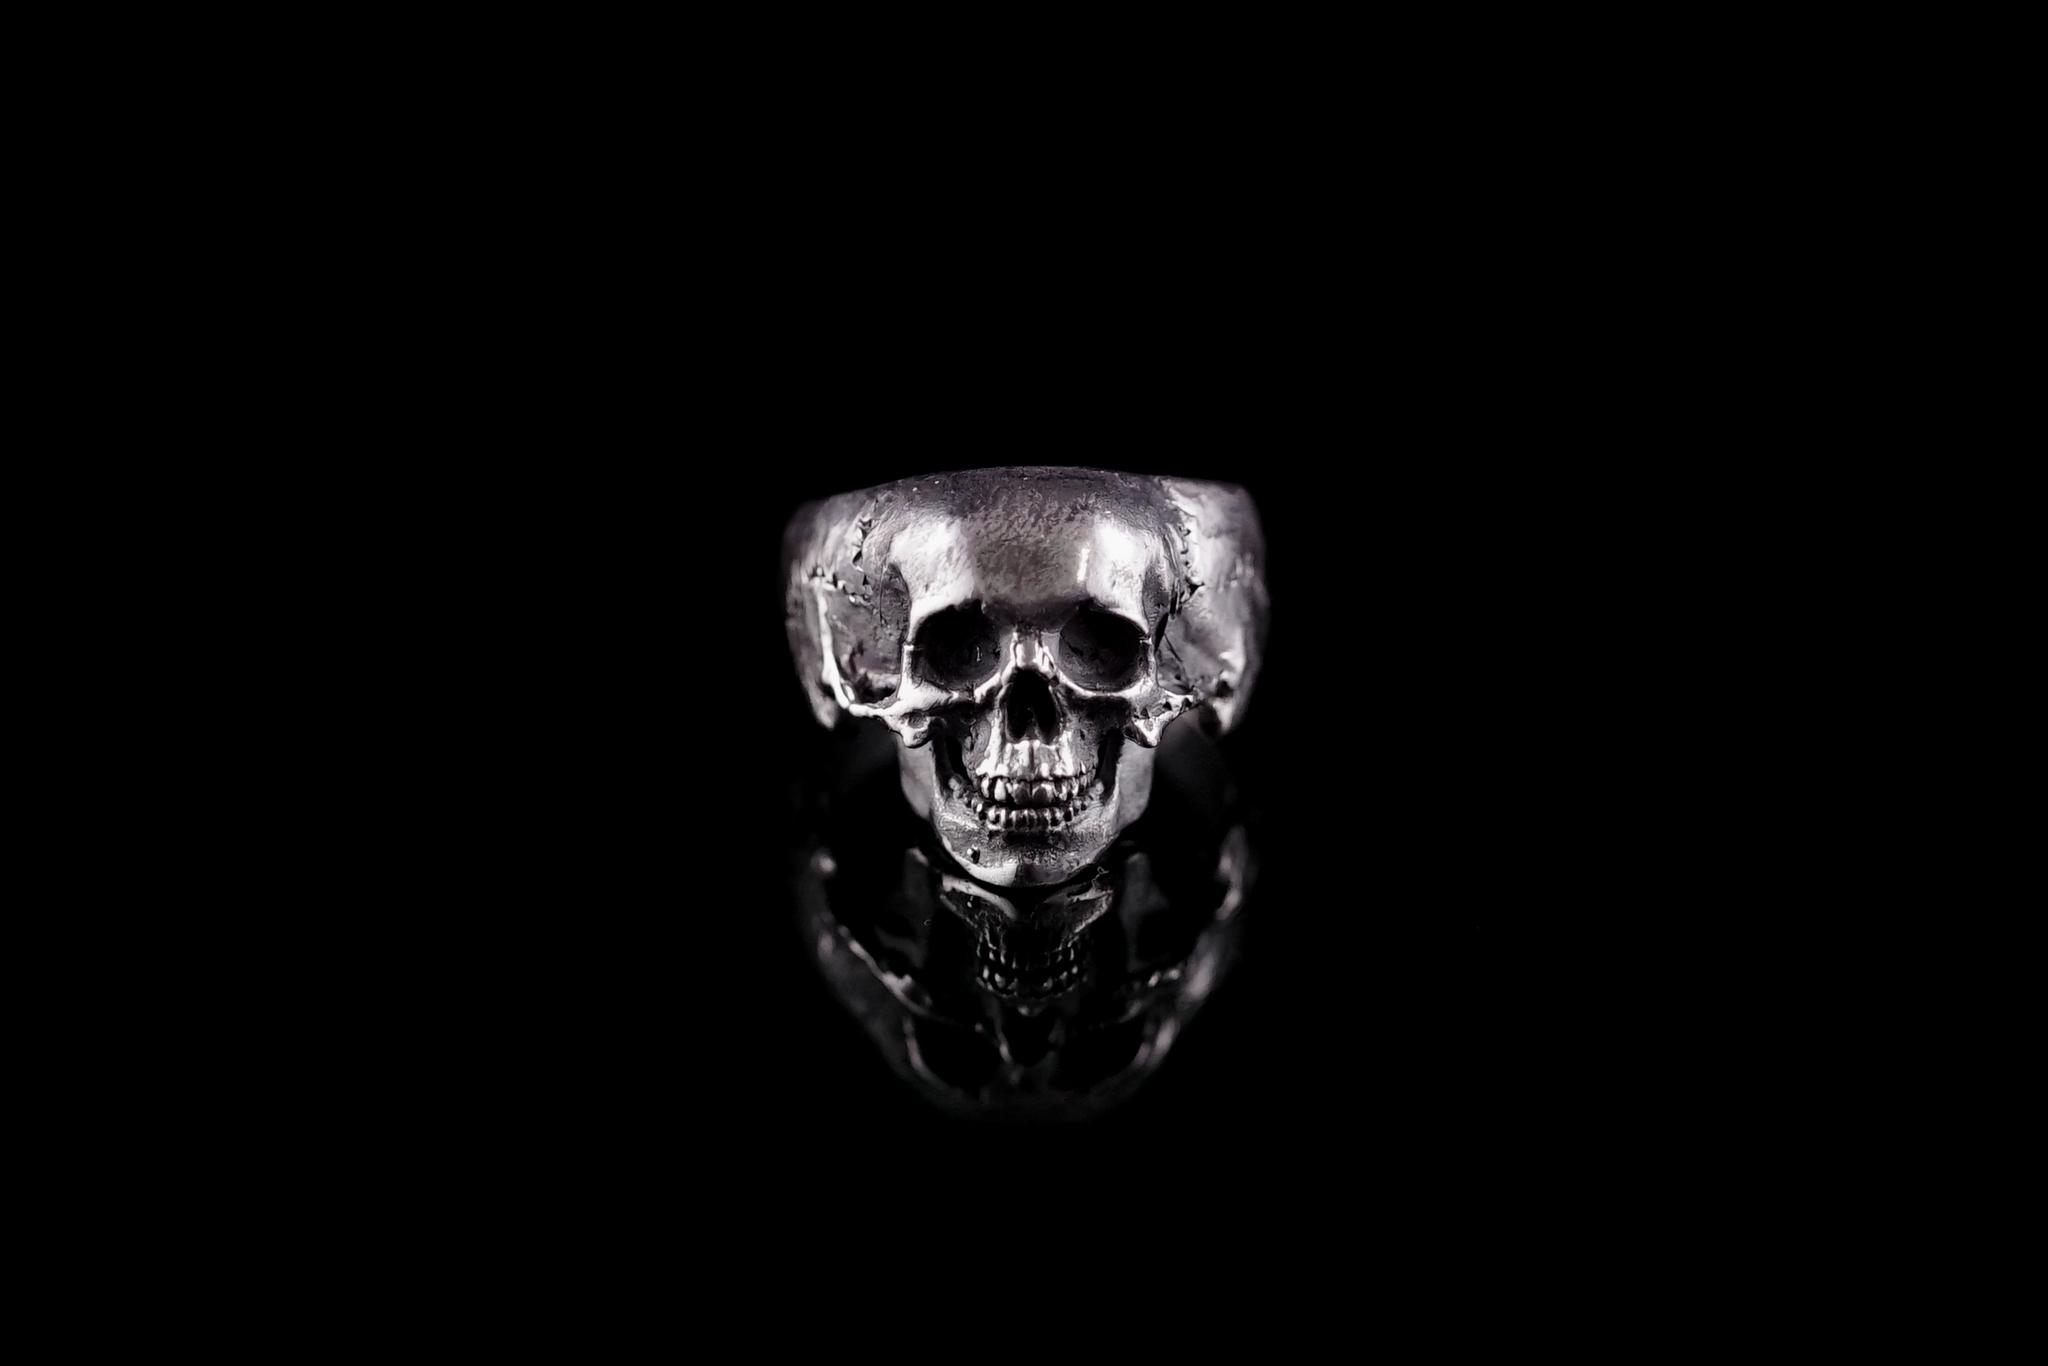 Кольцо с маленьким черепом и нижней челюстью